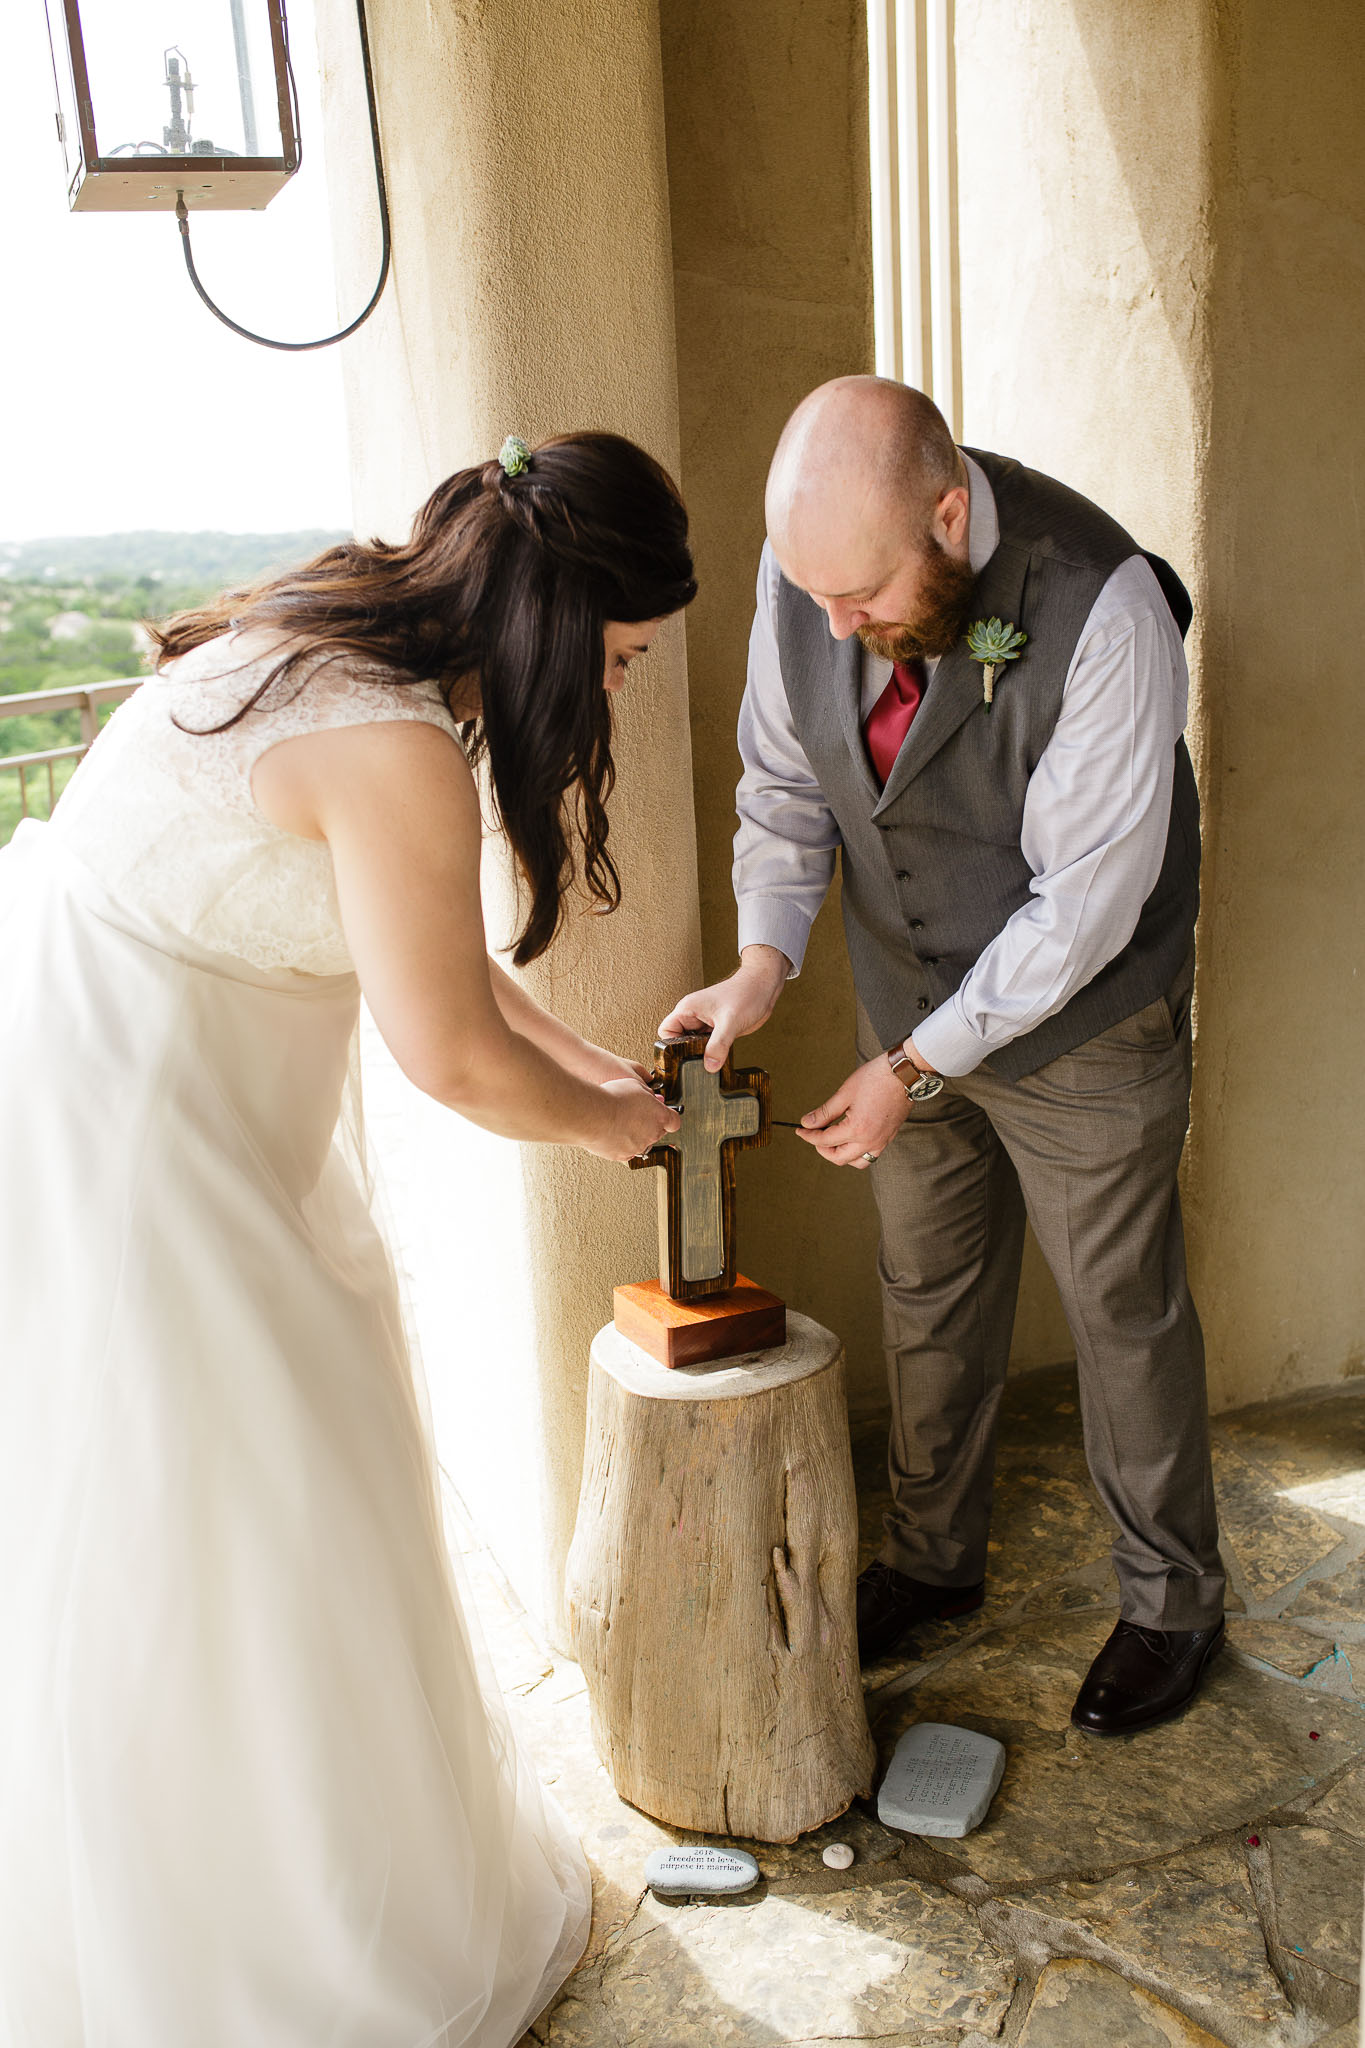 bride-groom-cross-nails.jpg